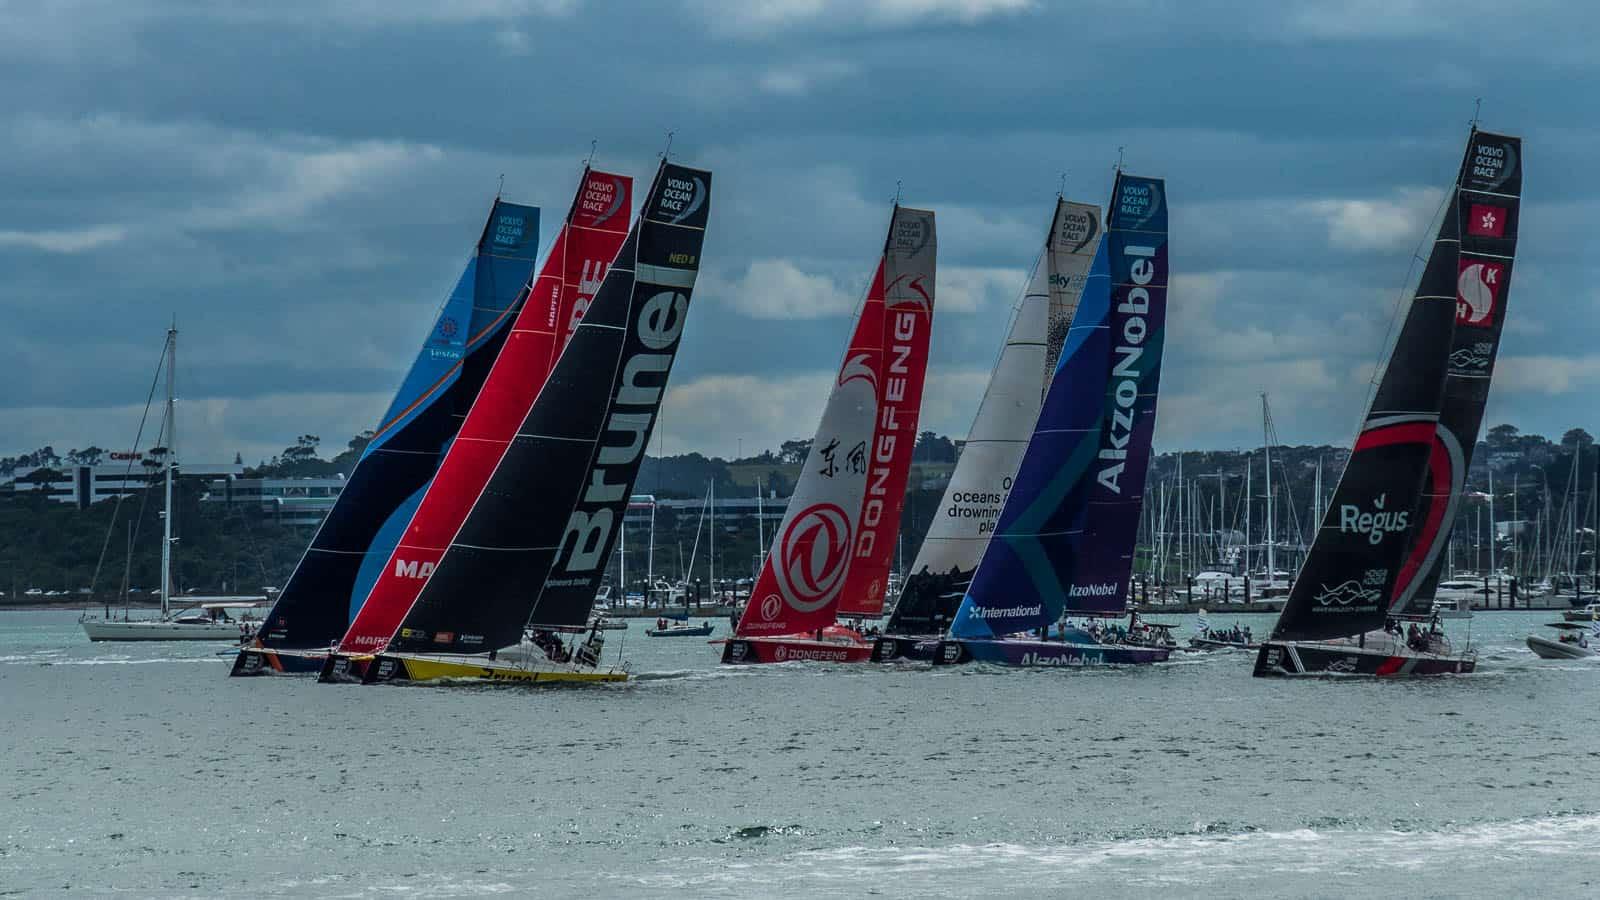 Volvo Ocean Race Auckland stop over